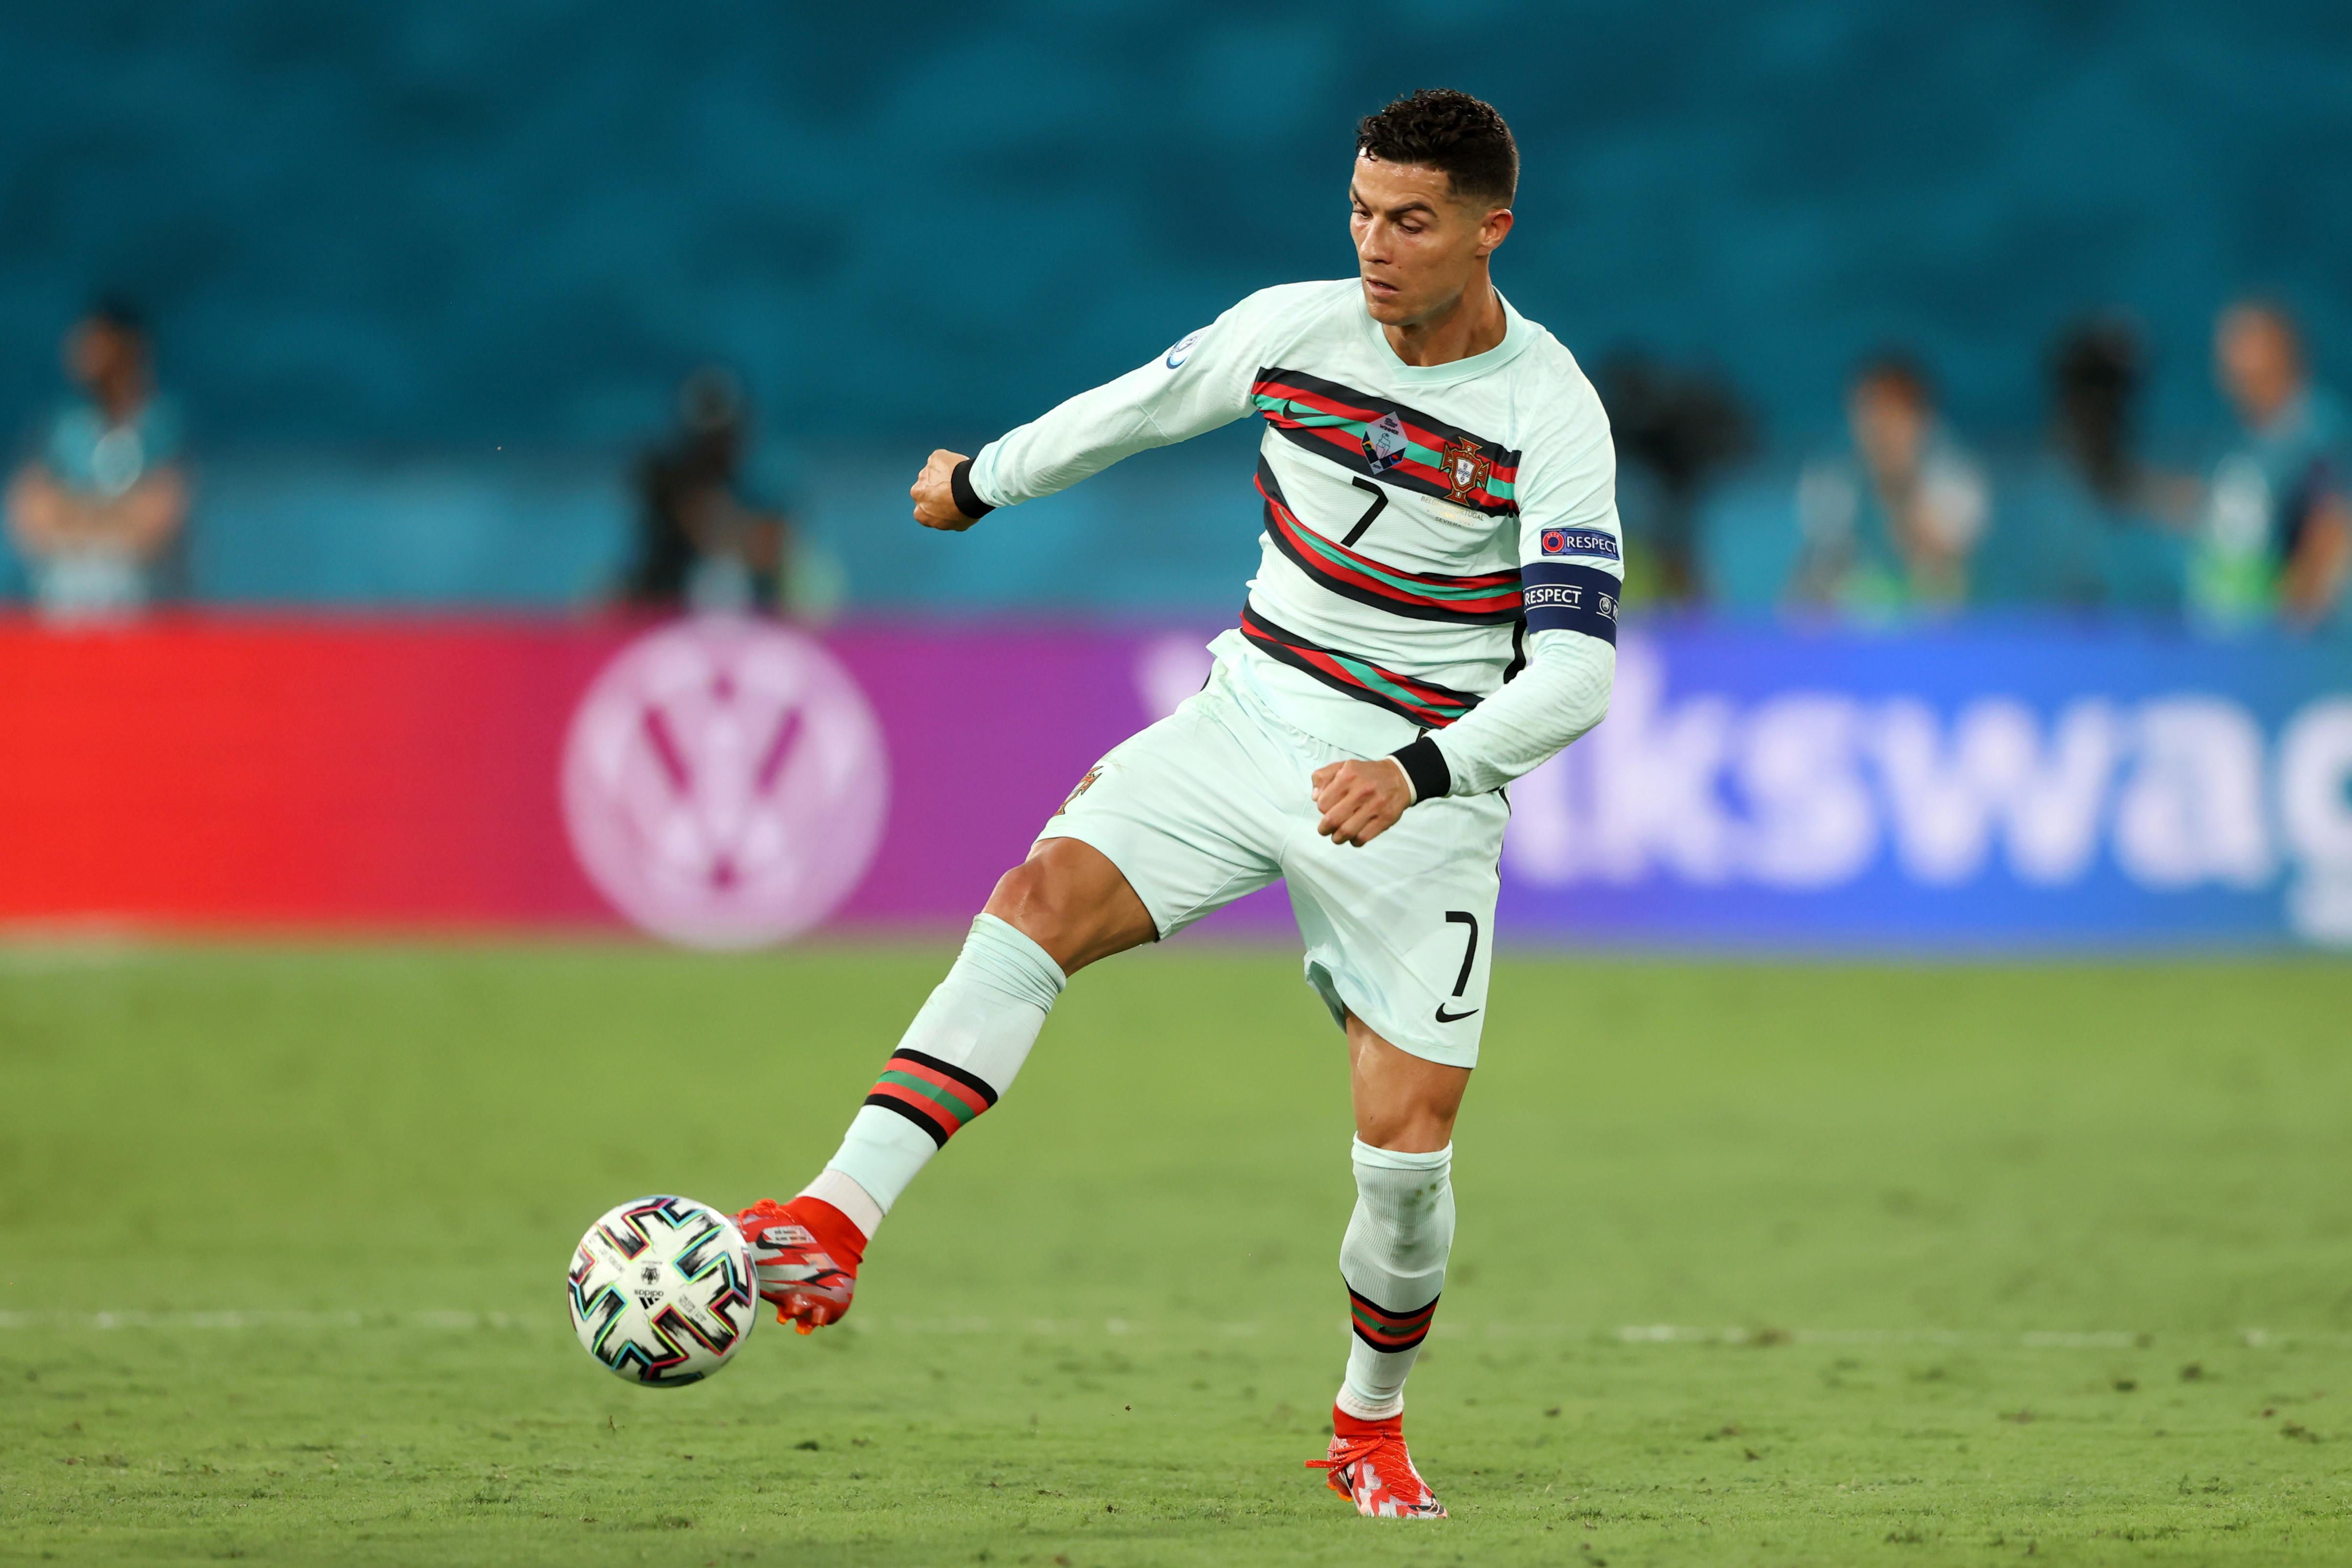 1) Cristiano Ronaldo (Portogallo): 111 gol